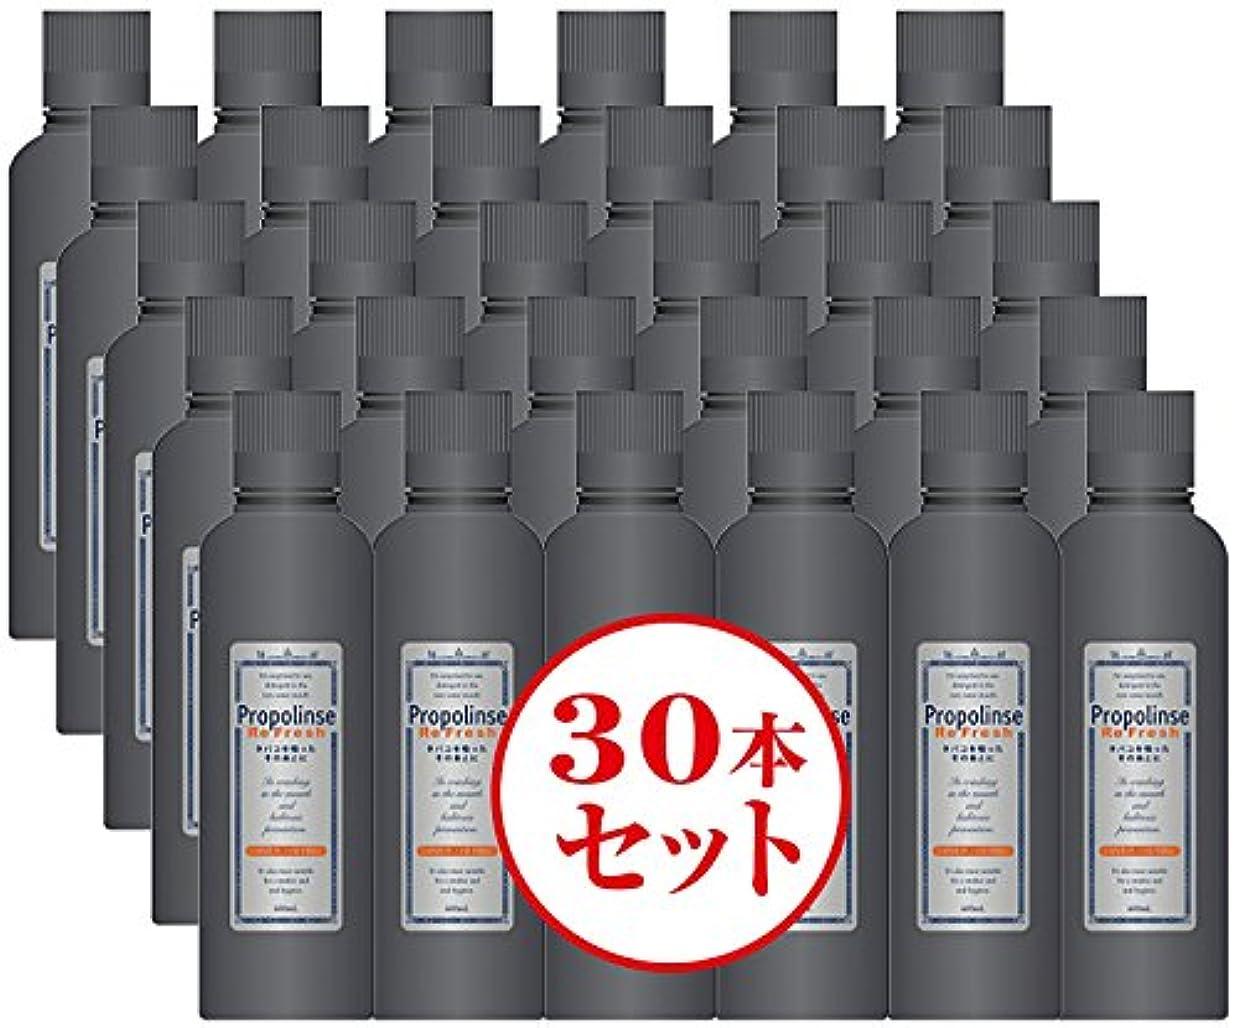 知覚的クレアリアルプロポリンス タバコ用600ml×30本